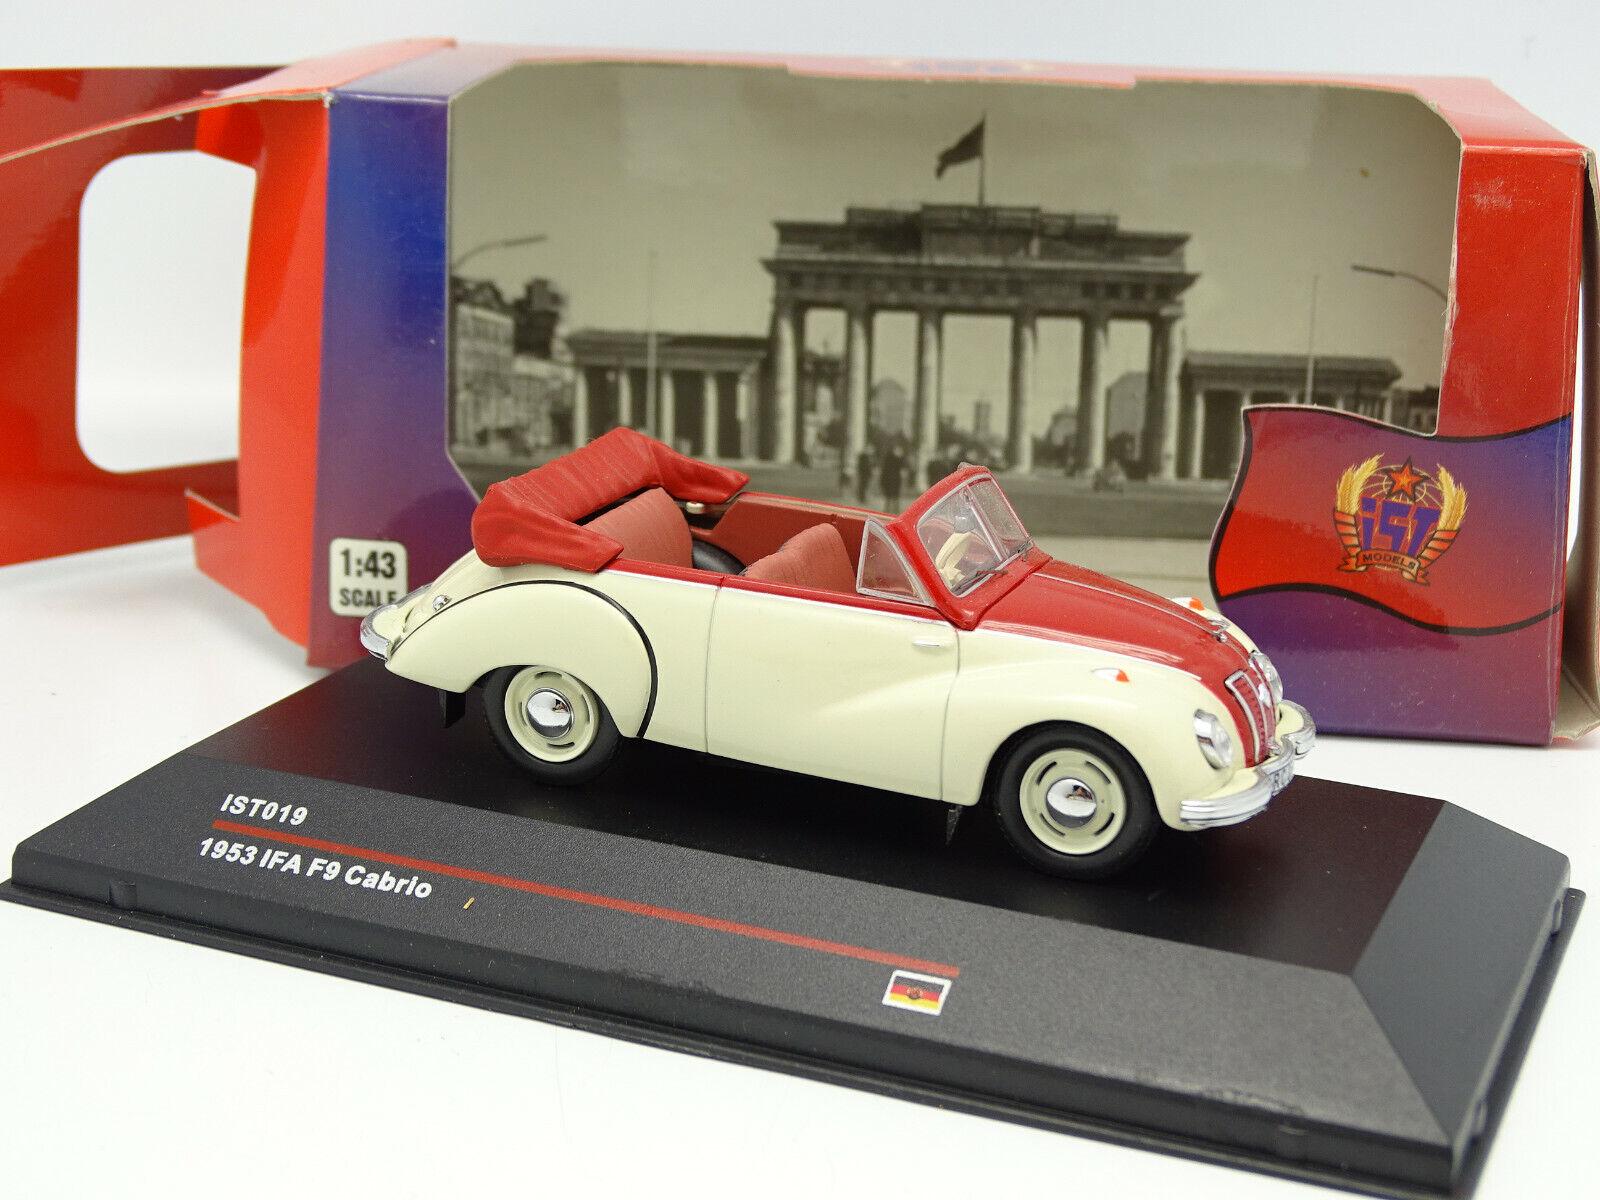 venta Ist 1 43 43 43 - Ifa F9 Cabrio 1953 Rojo y blancoo  barato y de moda